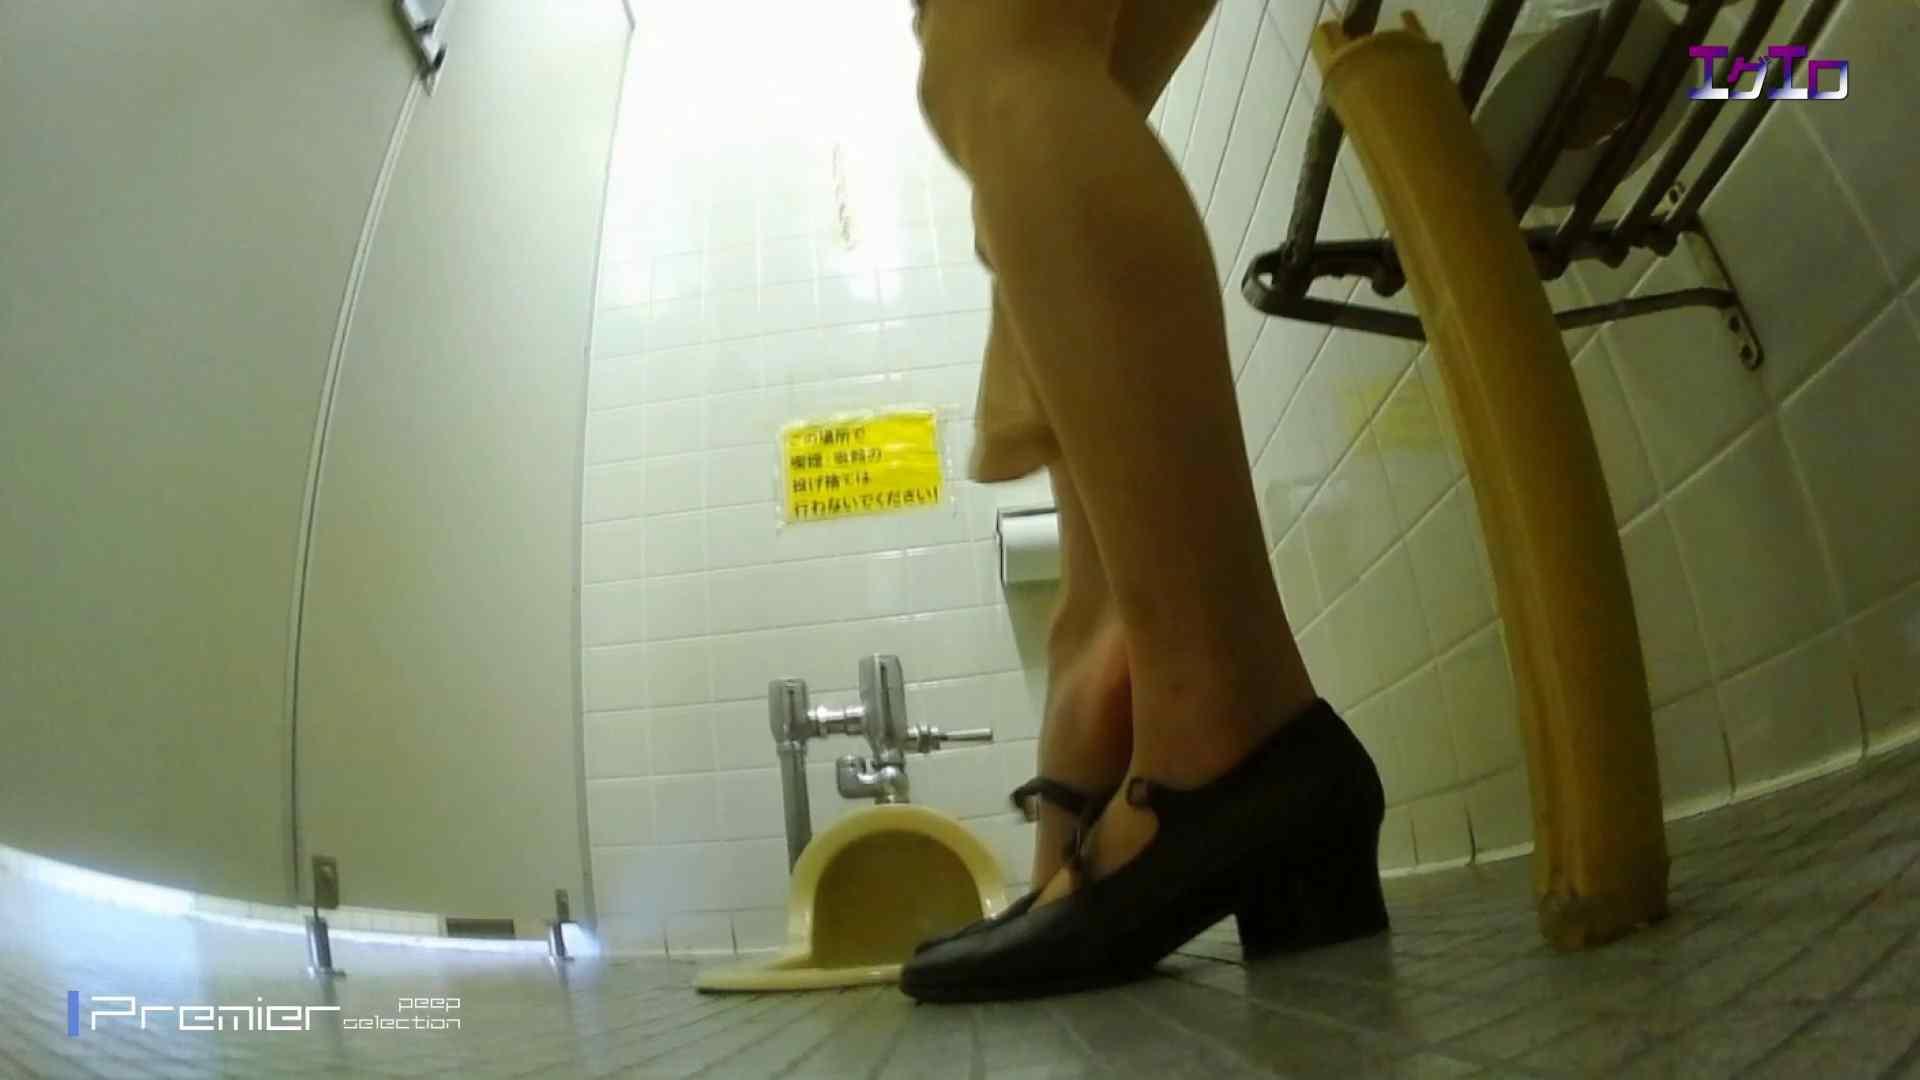 執念の撮影&追撮!!某女子校の通学路にあるトイレ 至近距離洗面所 Vol.16 エッチすぎるOL達  107連発 93